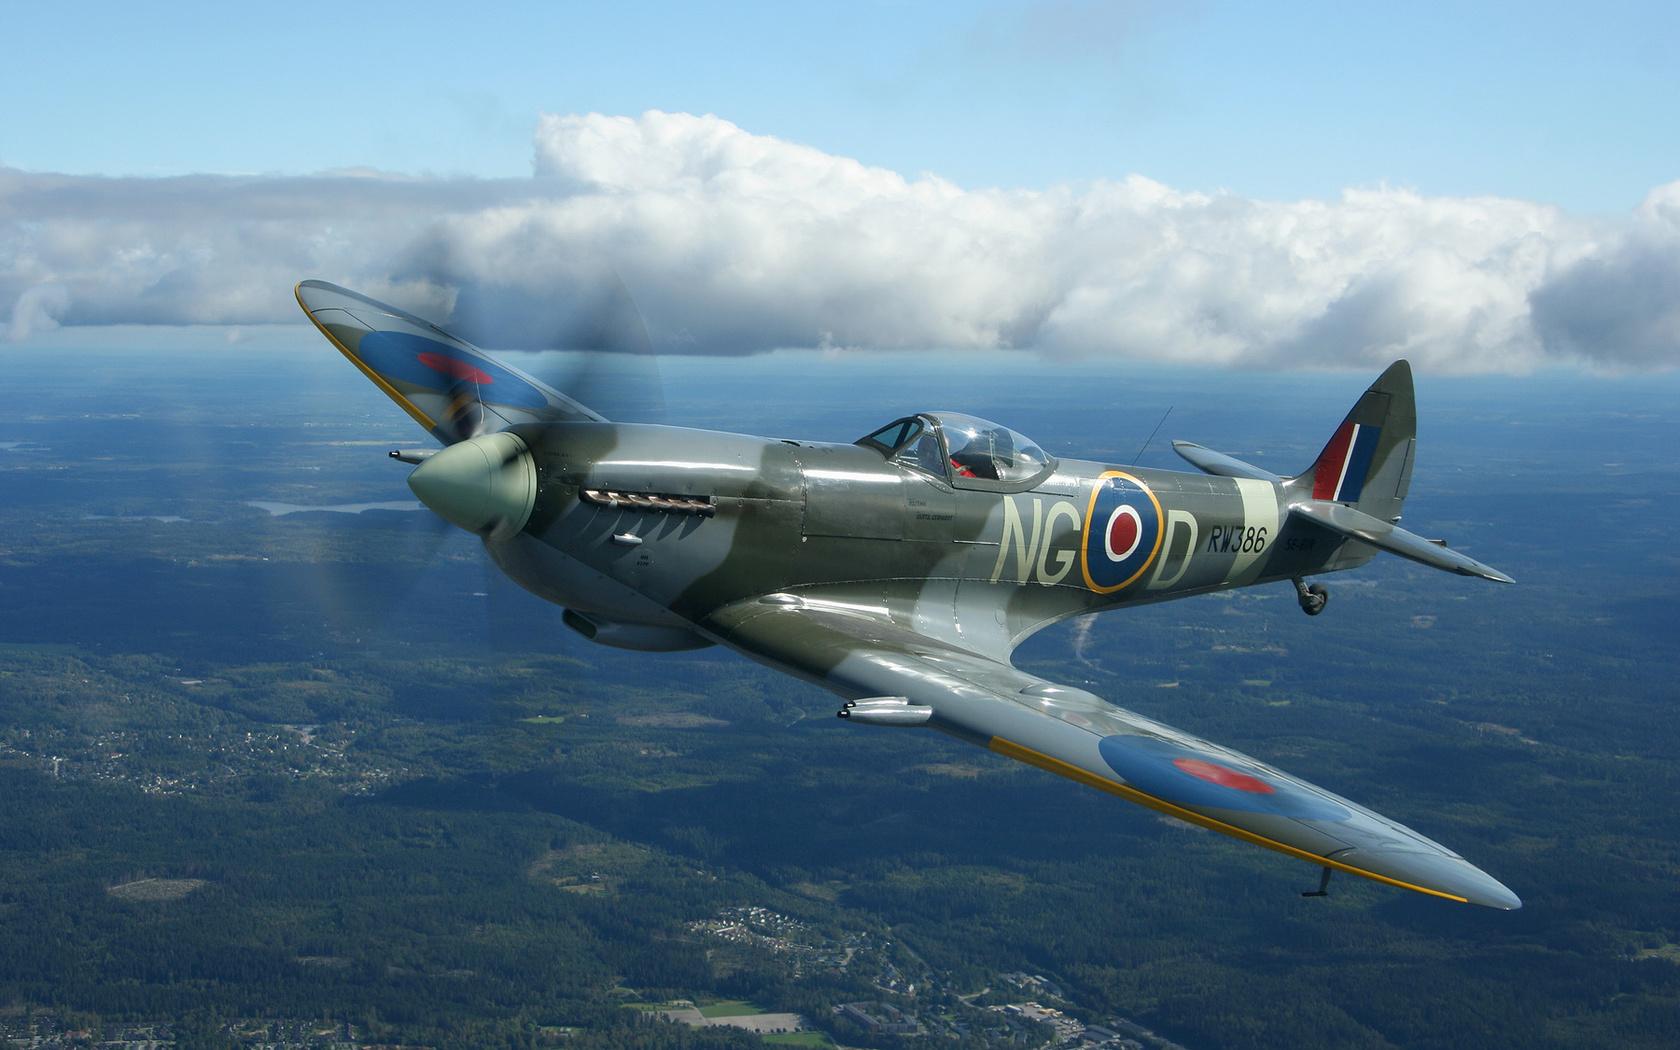 Spitfire Wallpaper Supermarine Spitfire aircraft plane 1680x1050